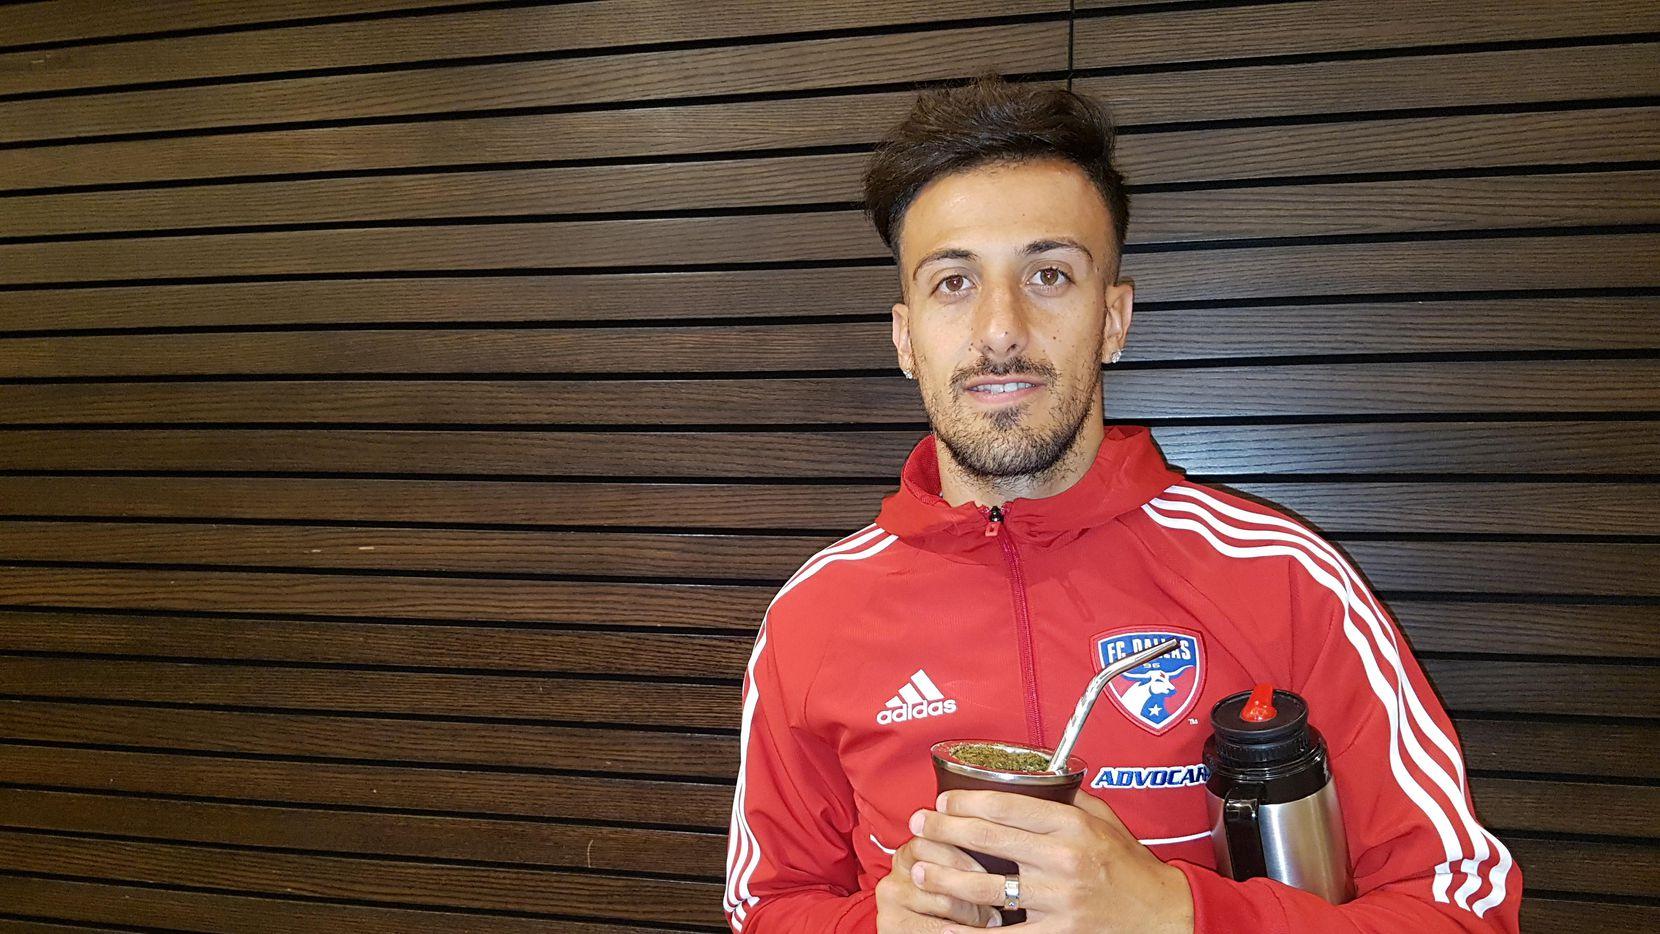 Maximiliano Urruti está enojado con el FC Dallas por no dejarlo irse a San Lorenzo. (EMMANUEL QUISPE/EMMANUEL QUISPE/ESPECIAL PARA AL DÍA)